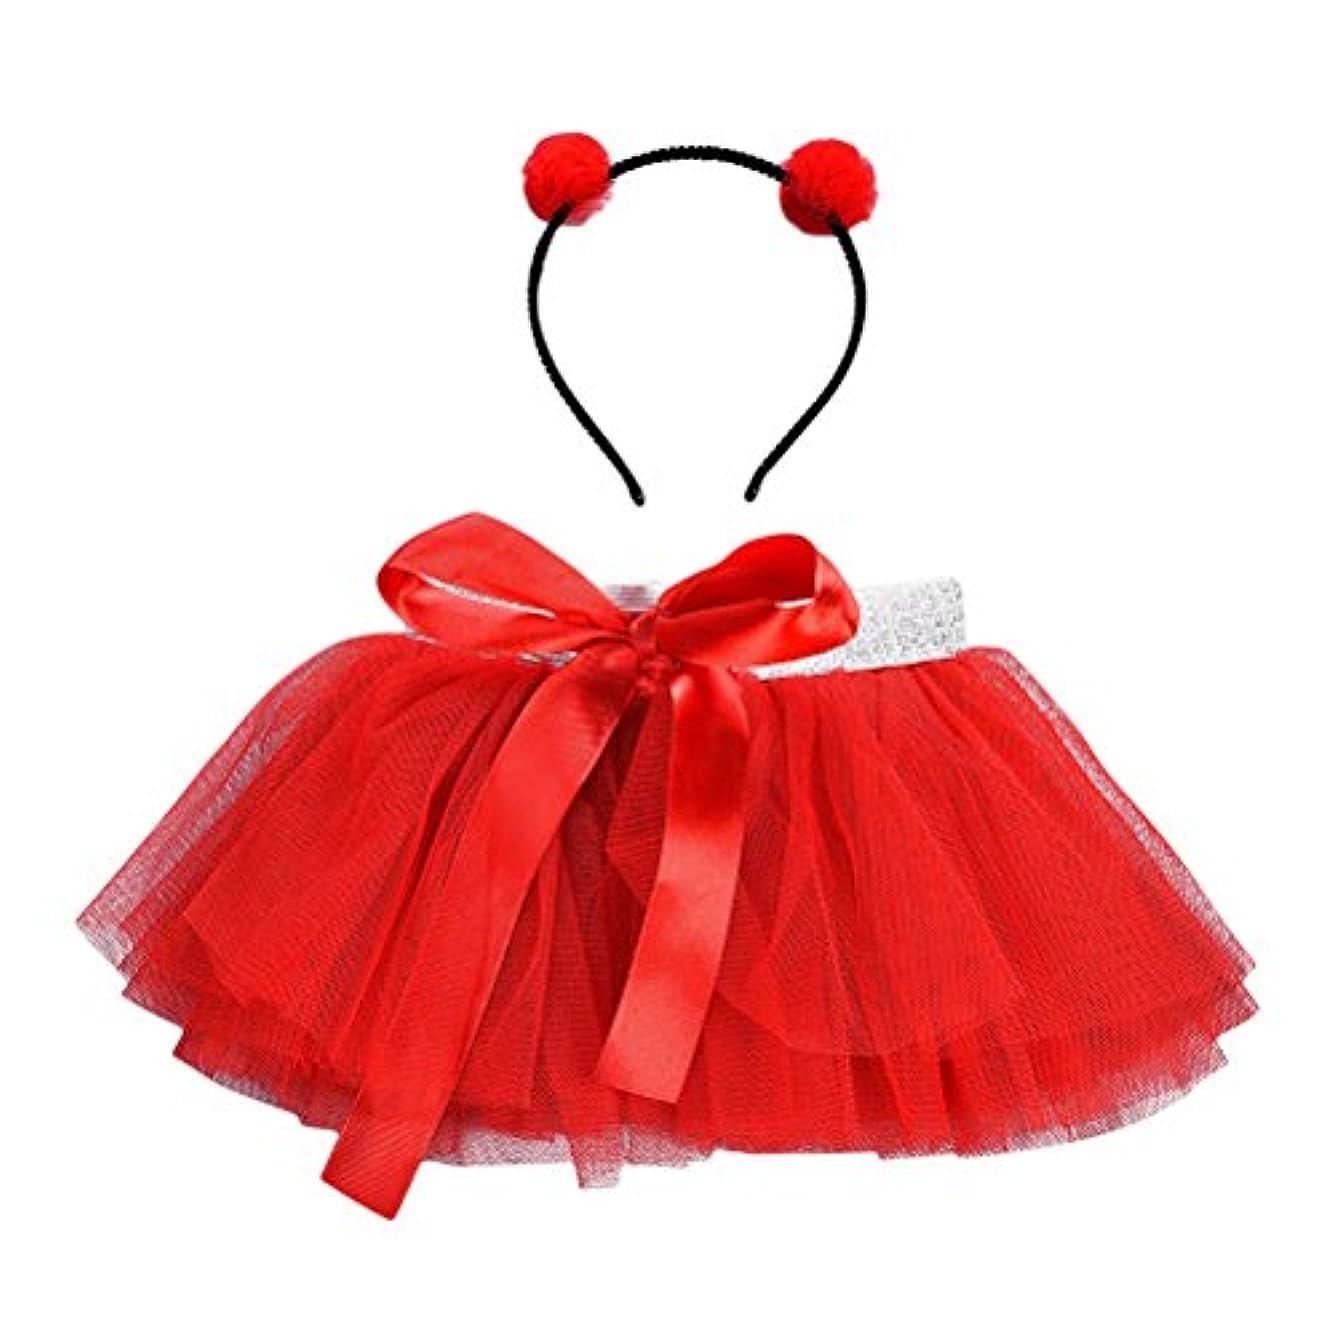 反映するのために追加するLUOEM 女の子TutuスカートセットヘッドバンドプリンセスガールTutuの服装赤ちゃん女の子Birthday Outfit Set(Red)